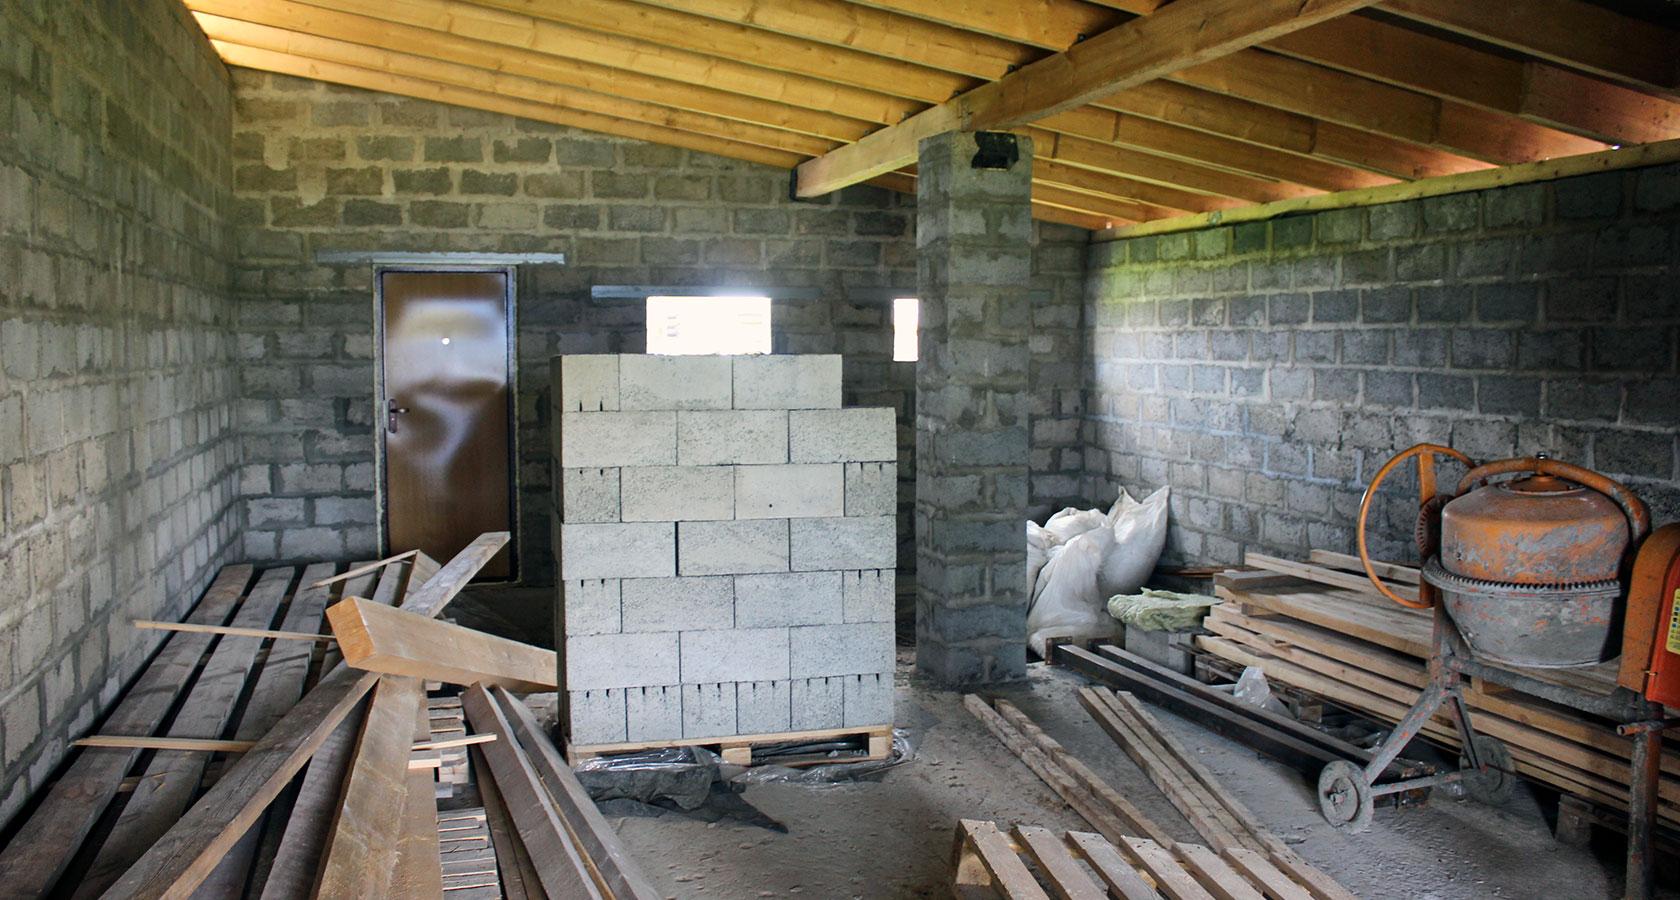 Что лучше пеноблок или шлакоблок, керамзитобетон или газоблоки: как правильно выбрать материал для строительства